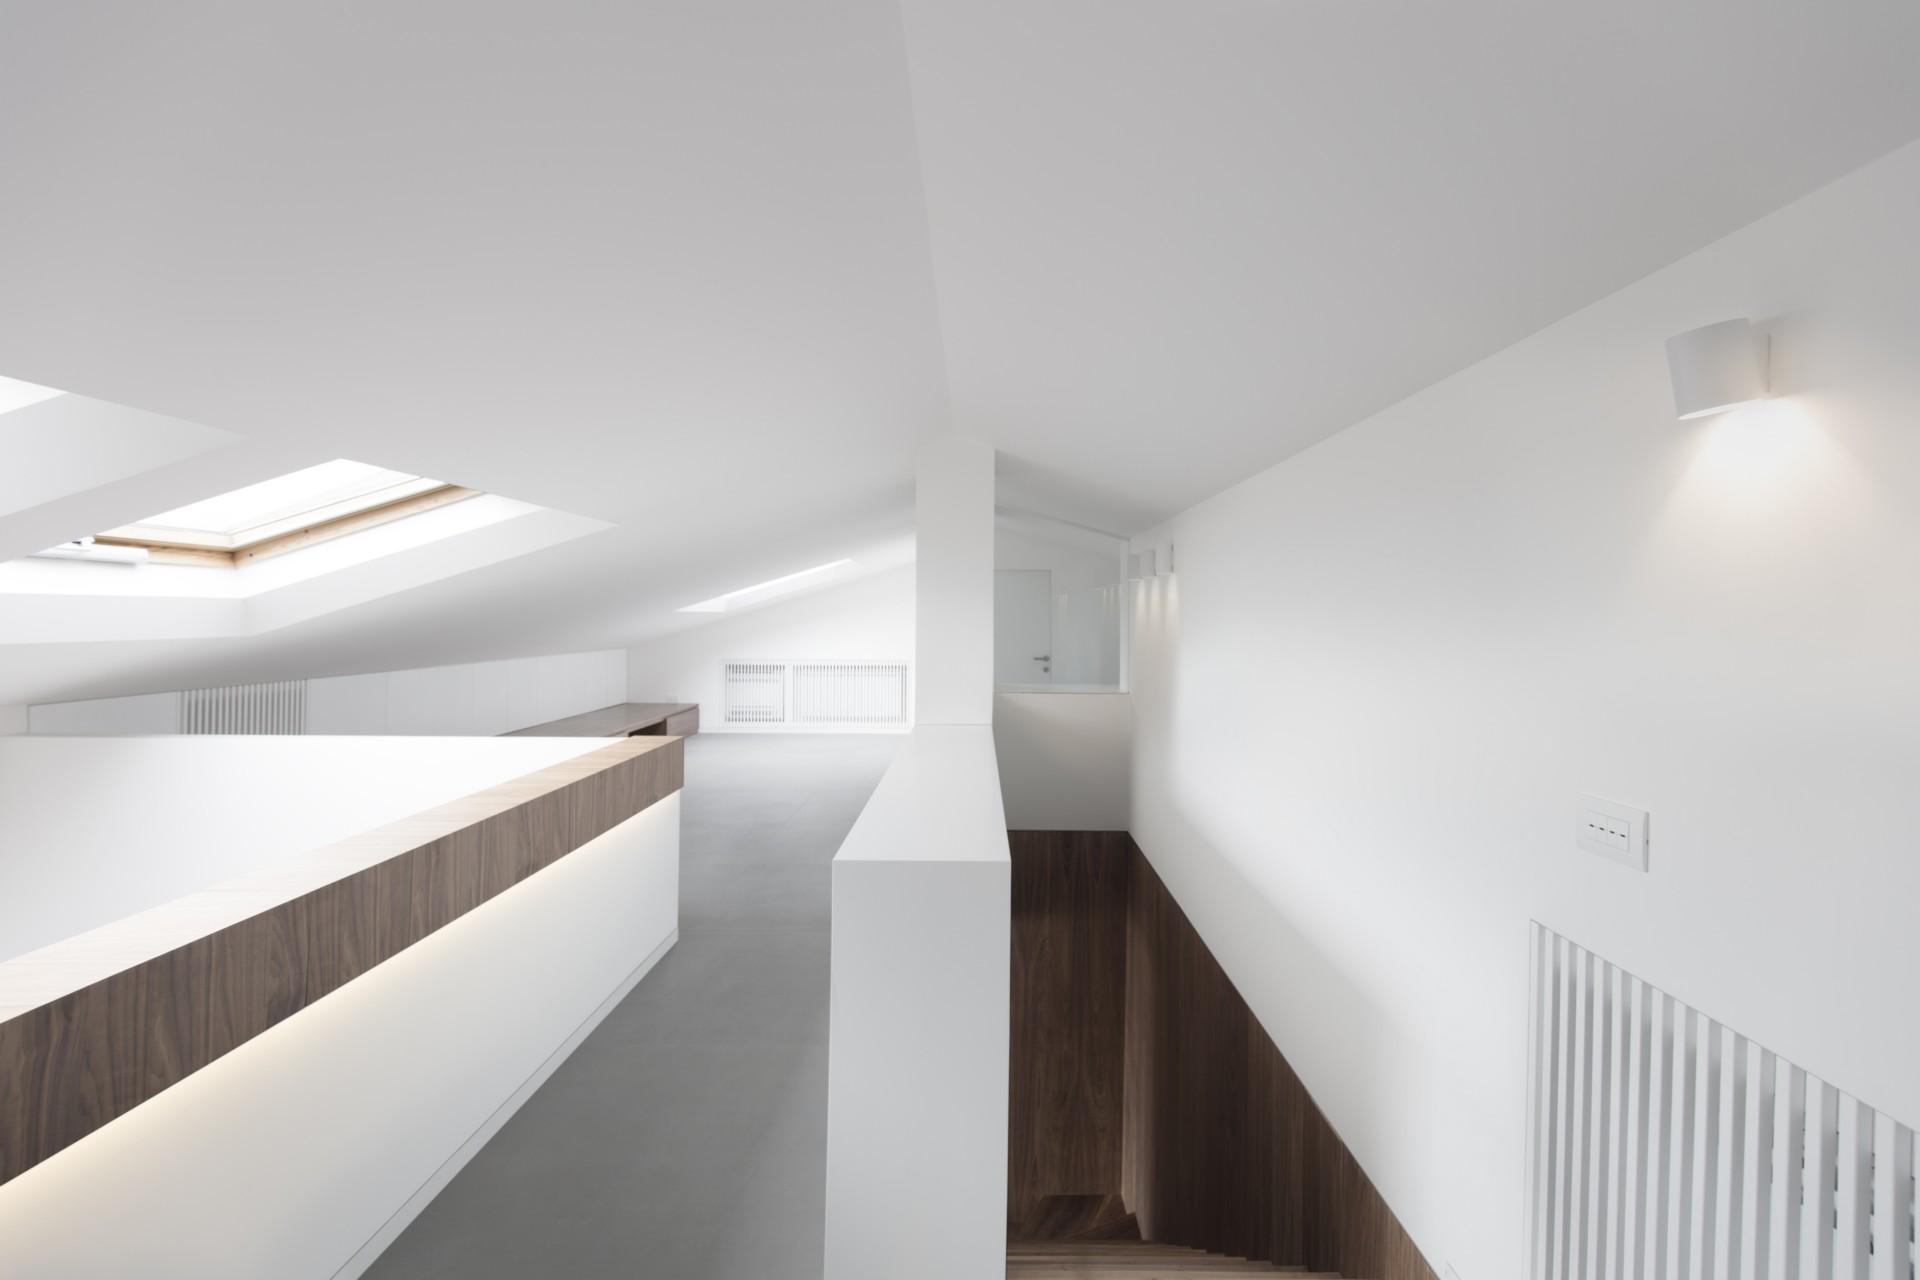 Studio DiDea proyecto de interiorismo para un ático en Palermo